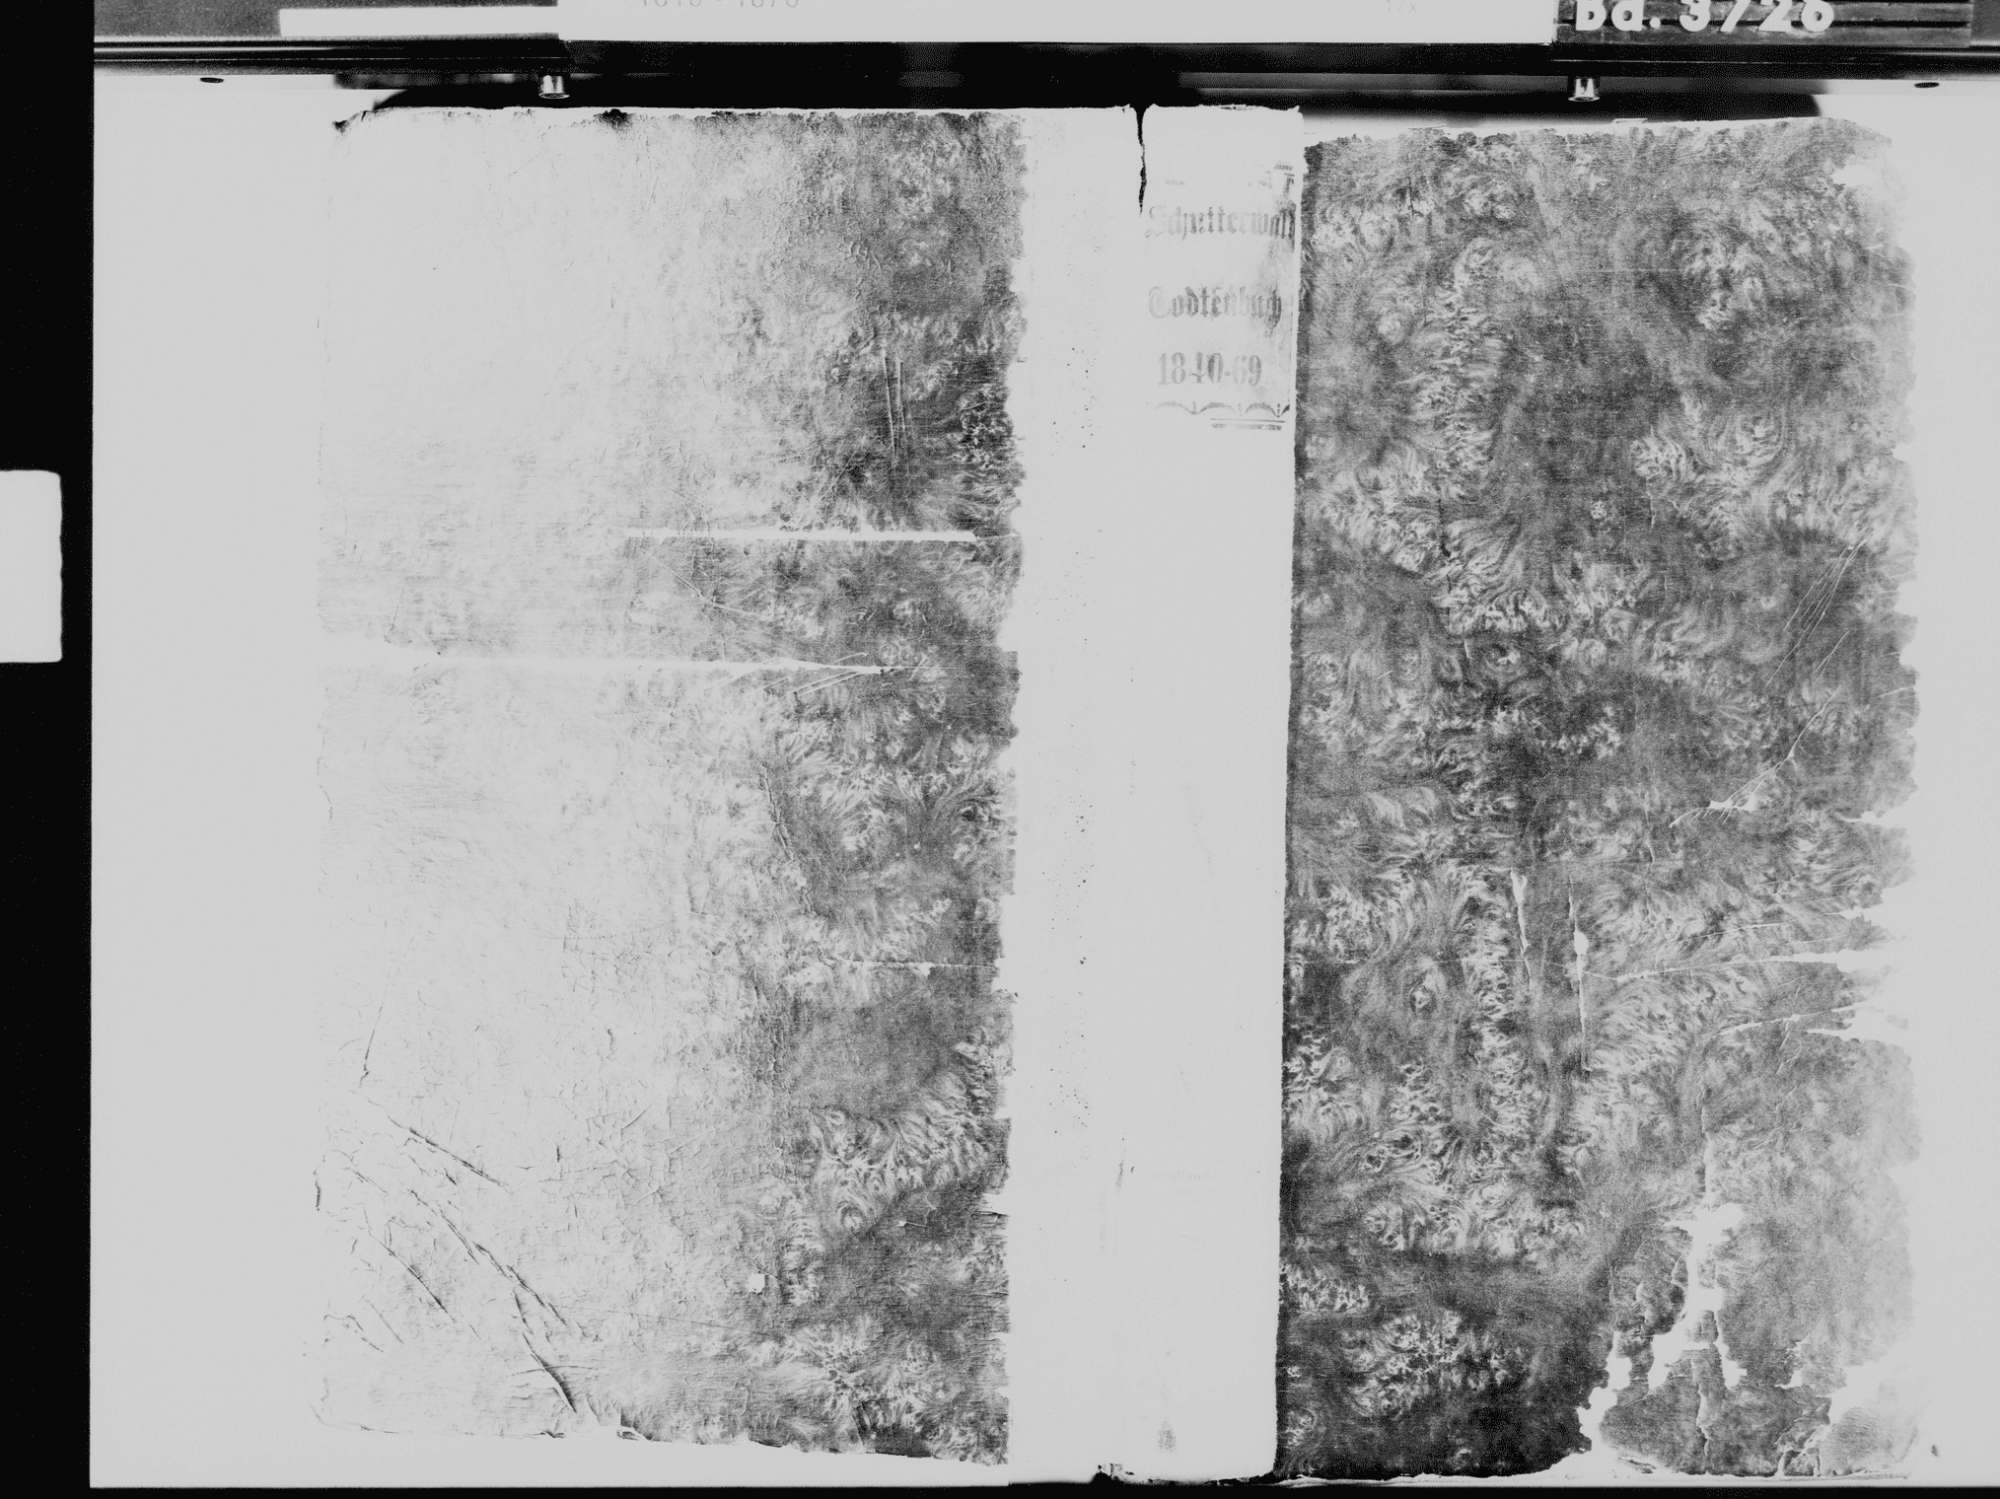 Schutterwald OG; Katholische Gemeinde: Sterbebuch 1840-1870, Bild 2